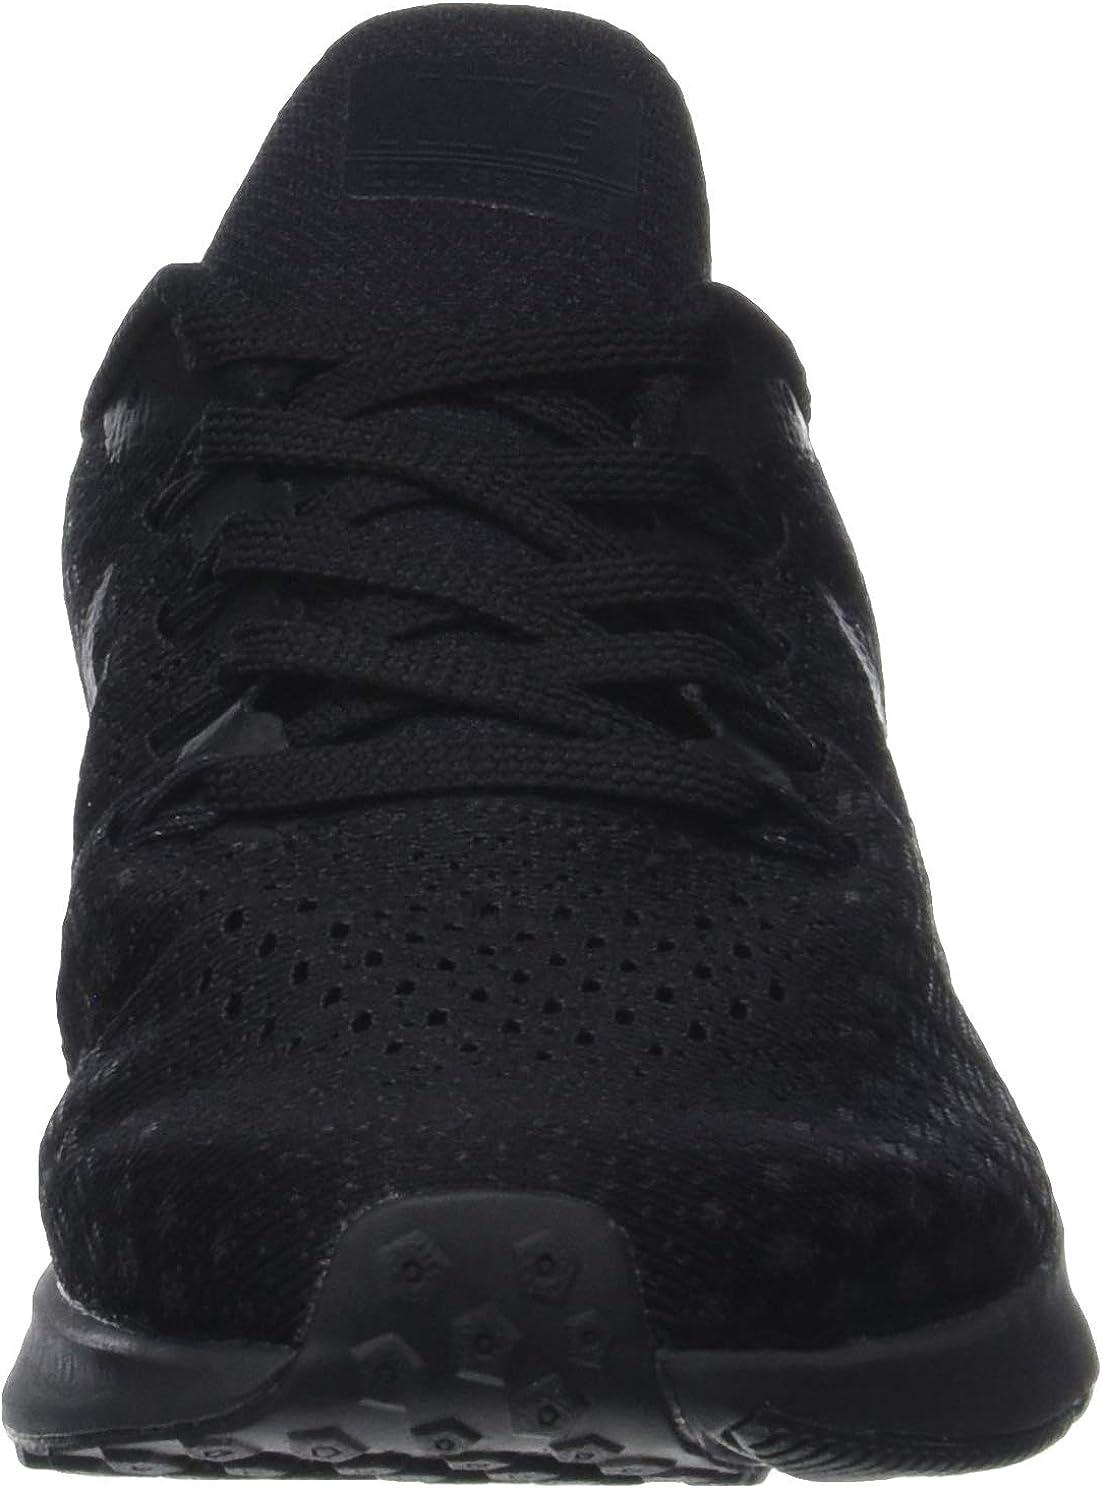 Nike Women's Running Shoes Black/White/Oil Grey